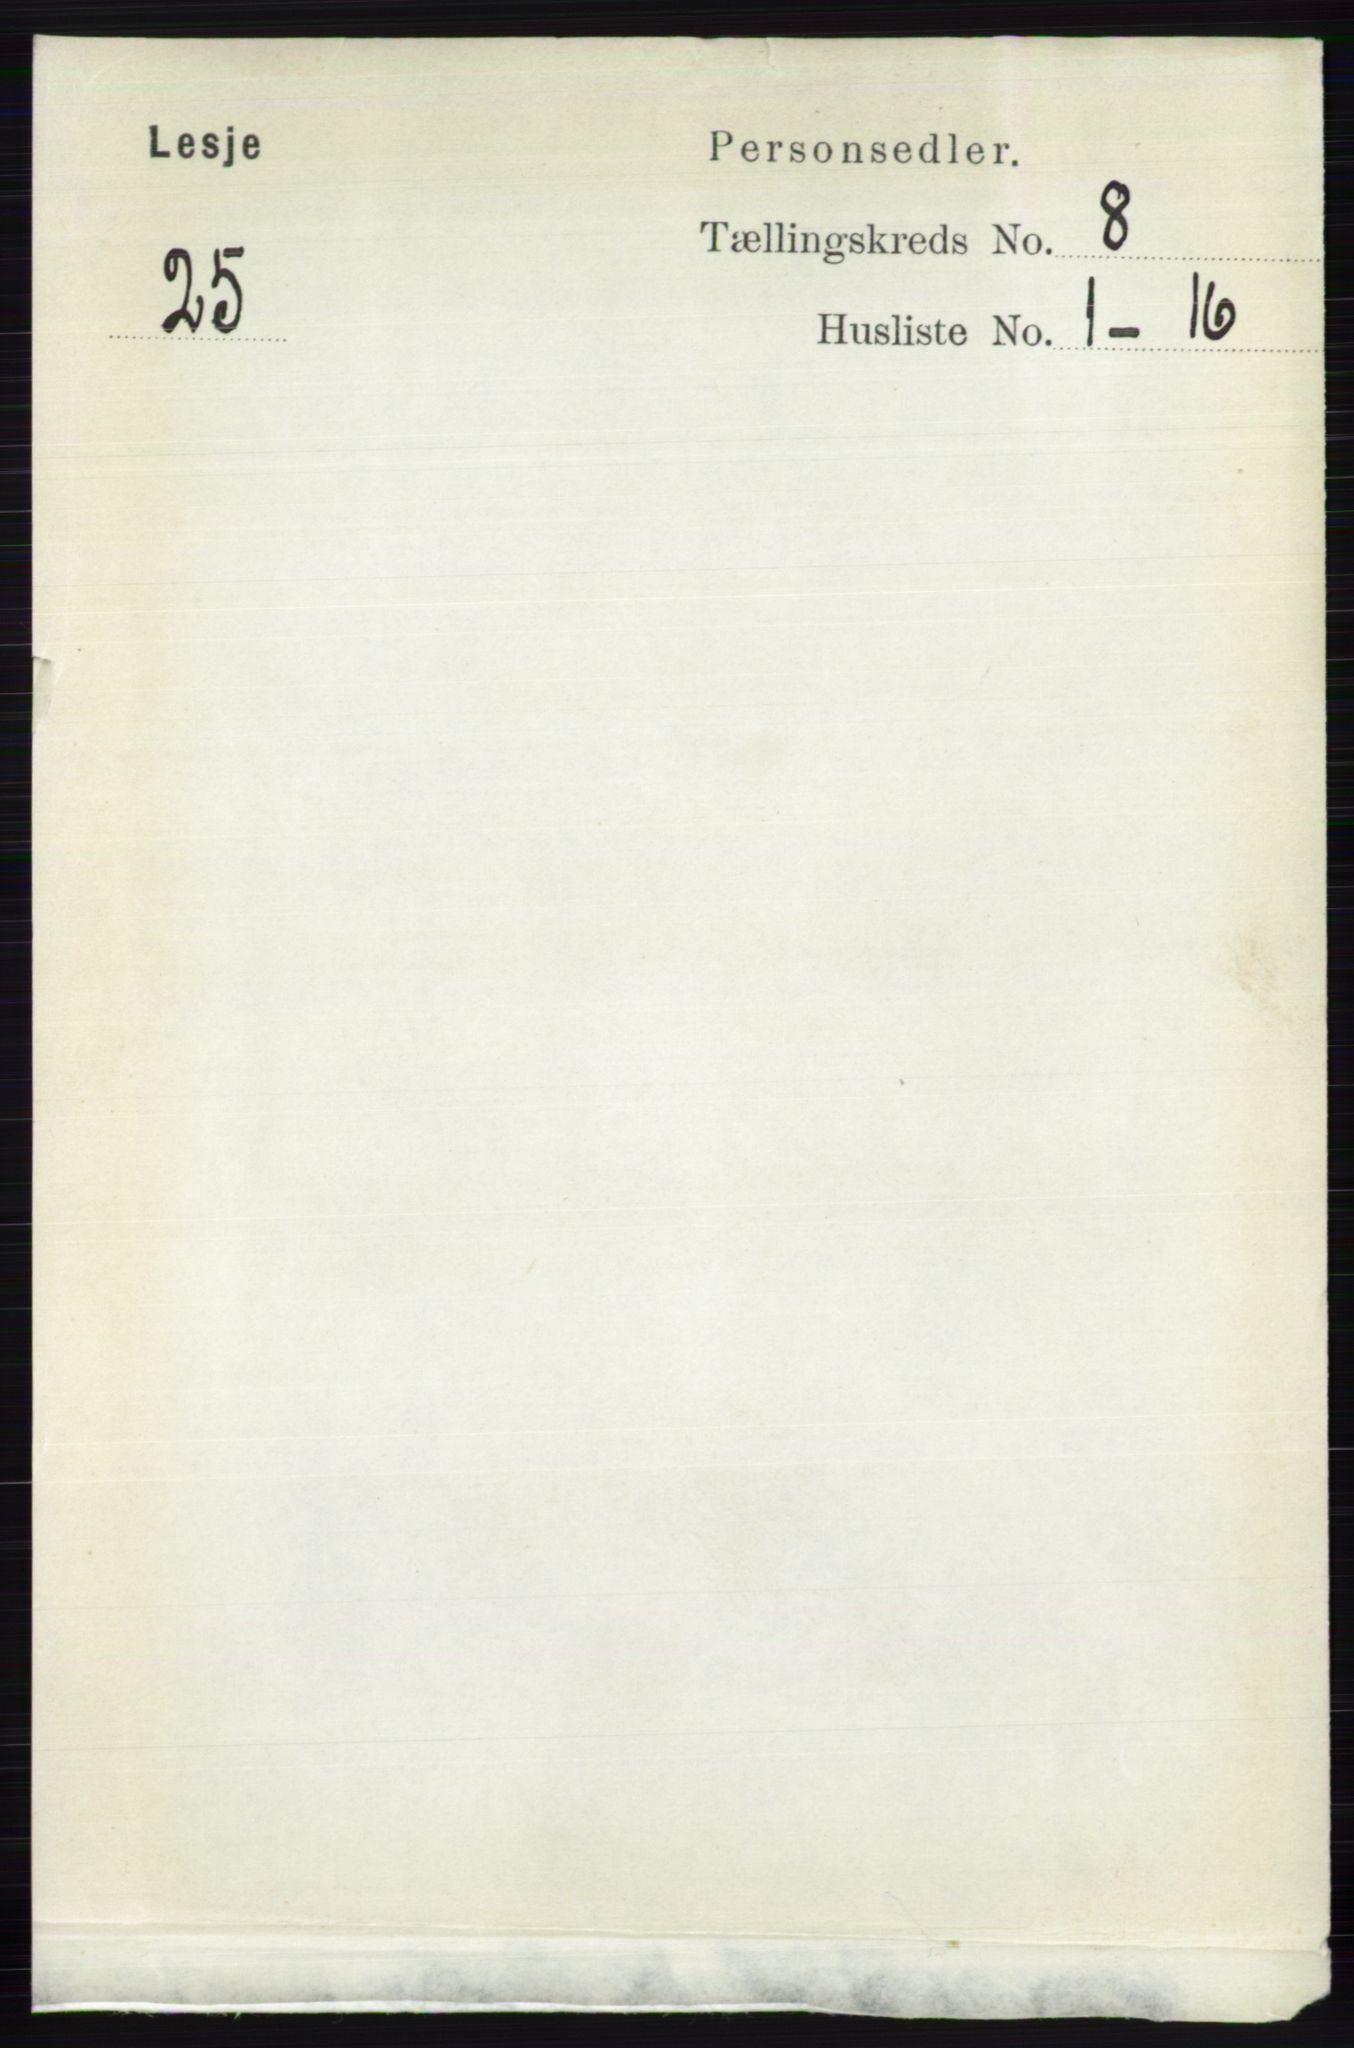 RA, Folketelling 1891 for 0512 Lesja herred, 1891, s. 2989